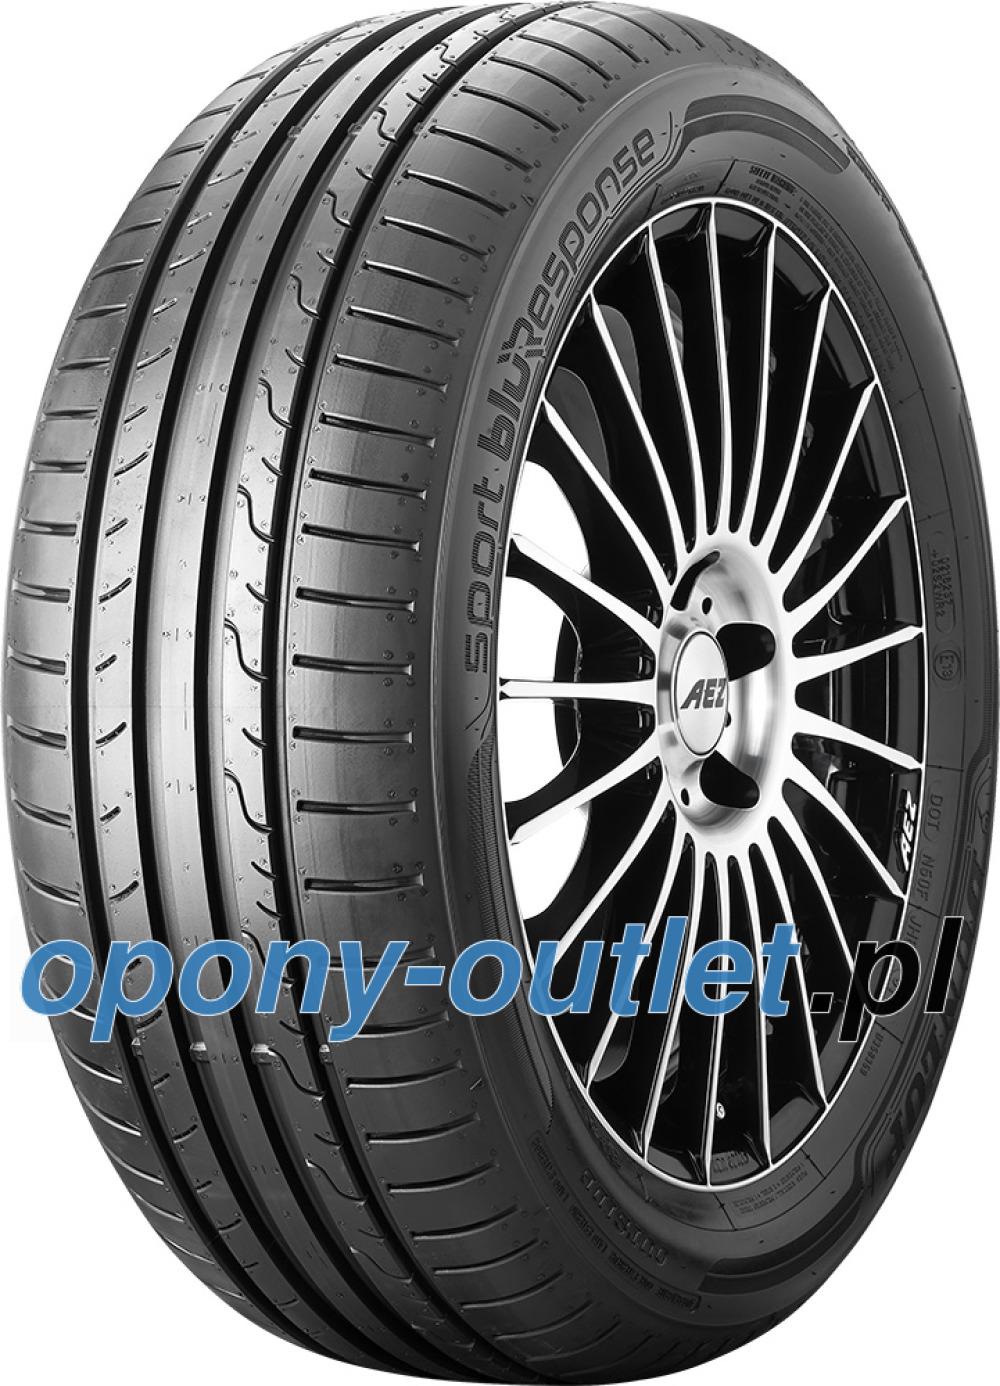 Dunlop Sport BluResponse ( 185/60 R15 84H )